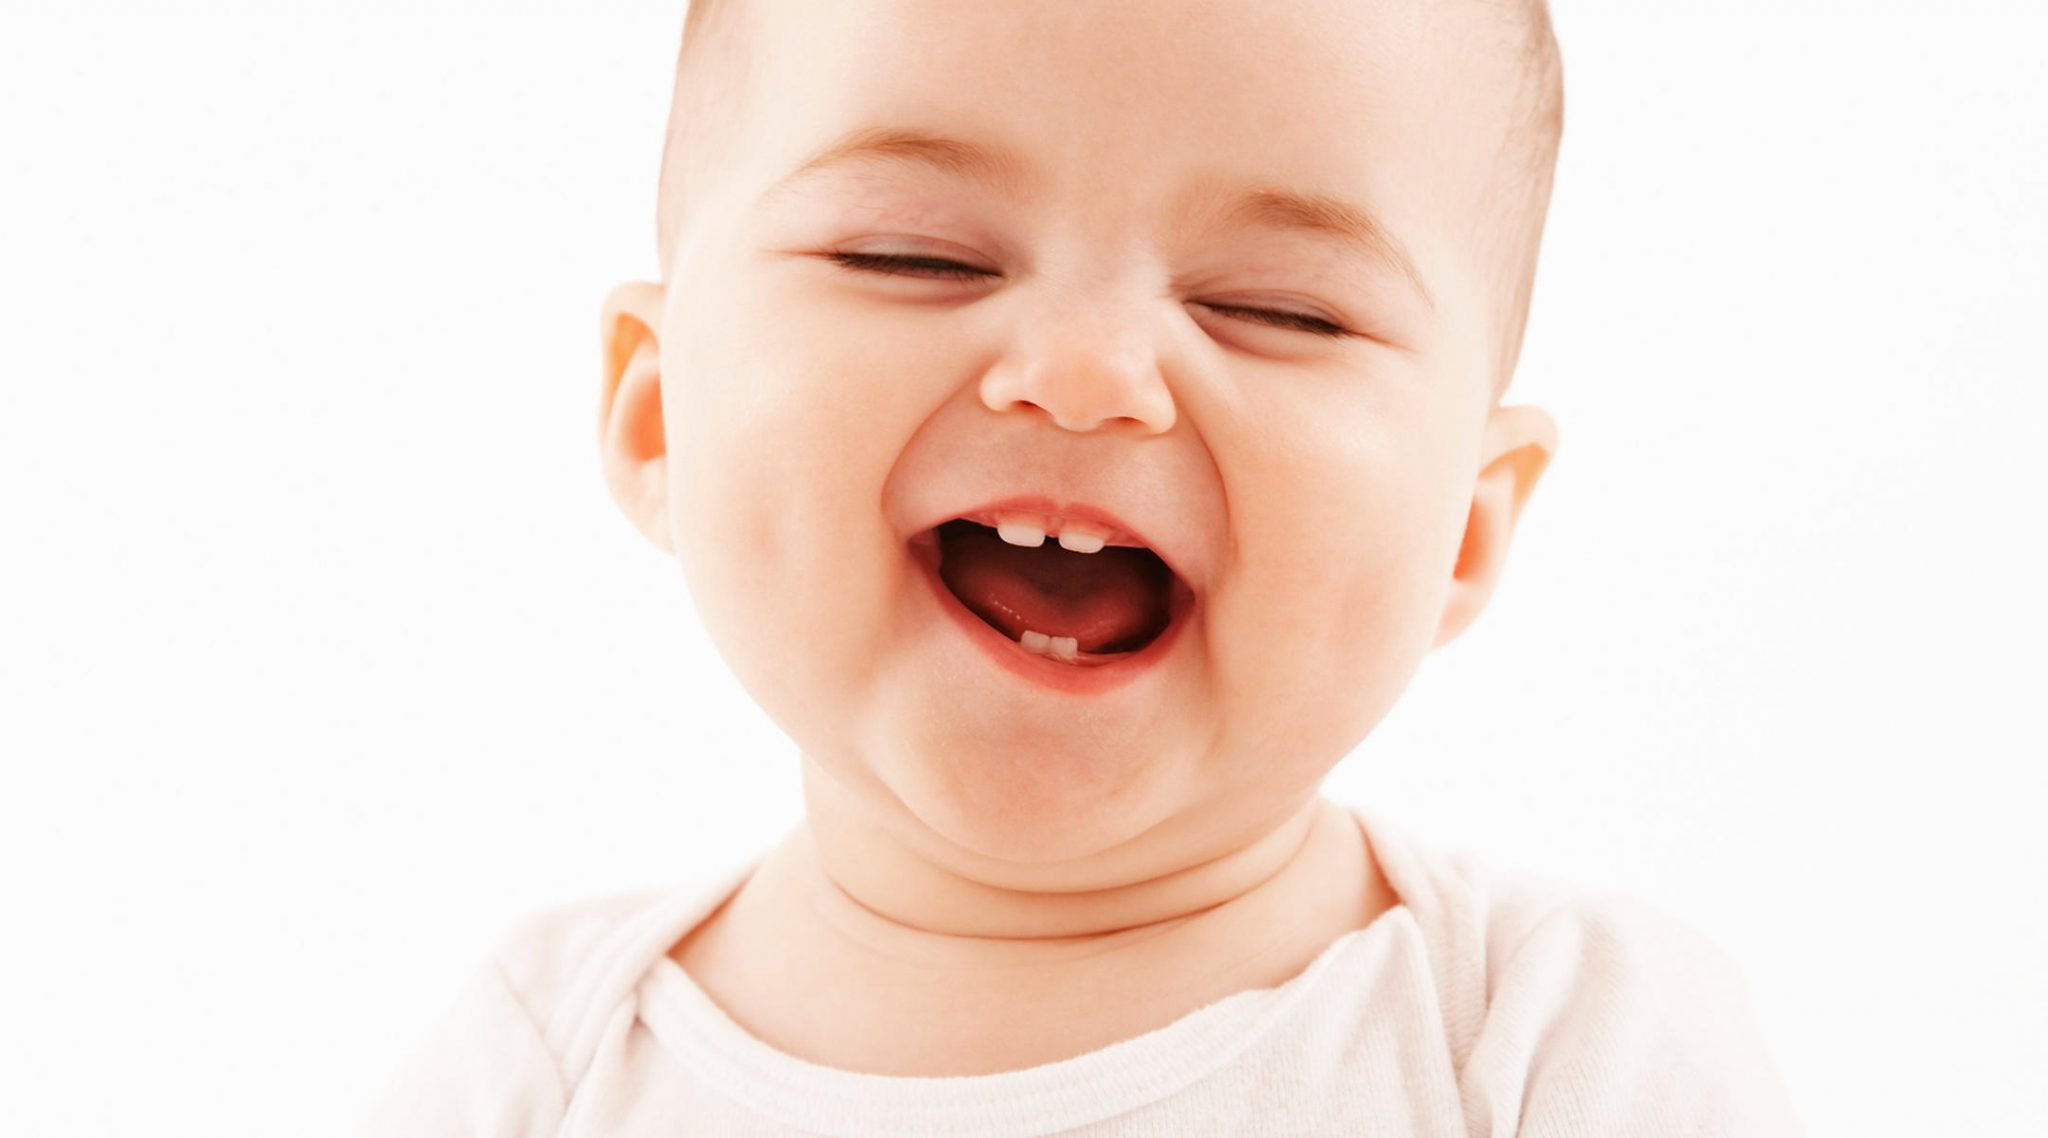 التسنين, دليل التسنين, عراض التسنين, اعراض التسنين في الشهر السادس, اعراض تسنين الرضع, اعراض ظهور الاسنان, ,شكل لثة الطفل عند التسنين ,ظهور اسنان الطفل مبكرا ظهور الاسنان في الشهر الرابع, فقدان الشهية عند الرضع اثناء التسنين, ,متى تبرز اسنان الطفل مراحل نمو اسنان الطفل, نمو الاسنان عند الاطفال,علامات تسنين الرضع